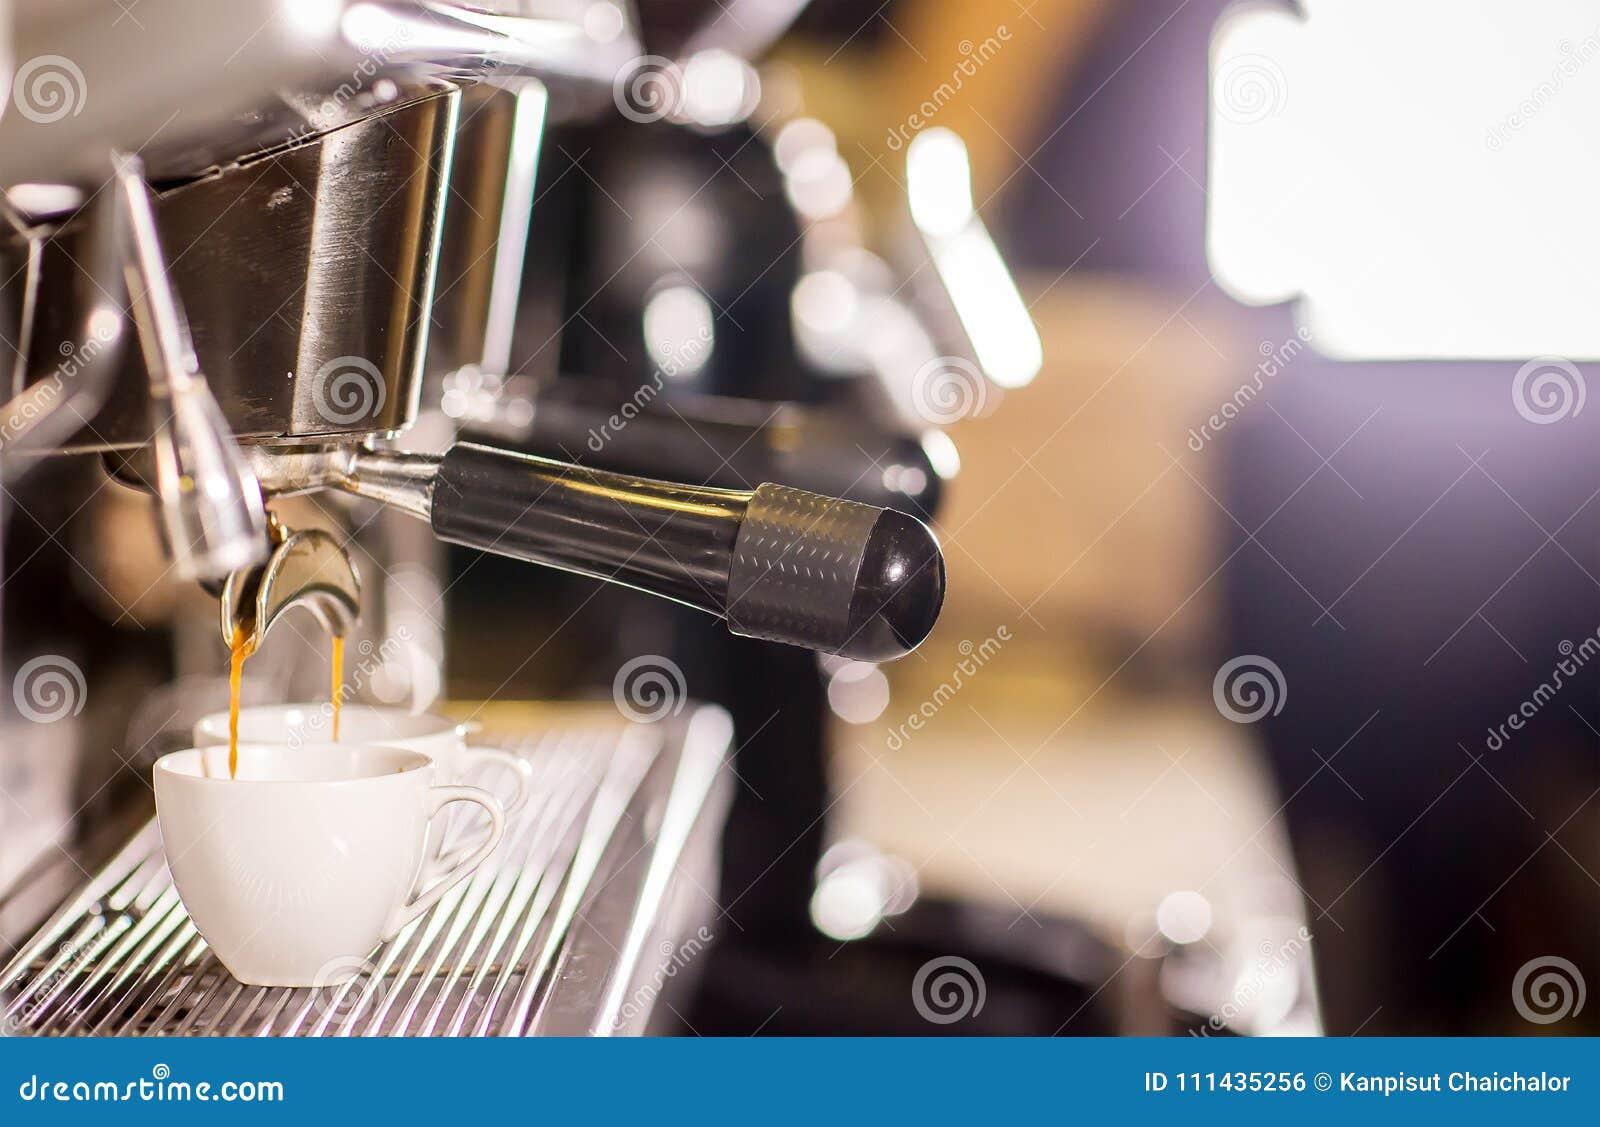 Barista делает эспрессо кофе снятое путем течь машина в баре столовой кофе